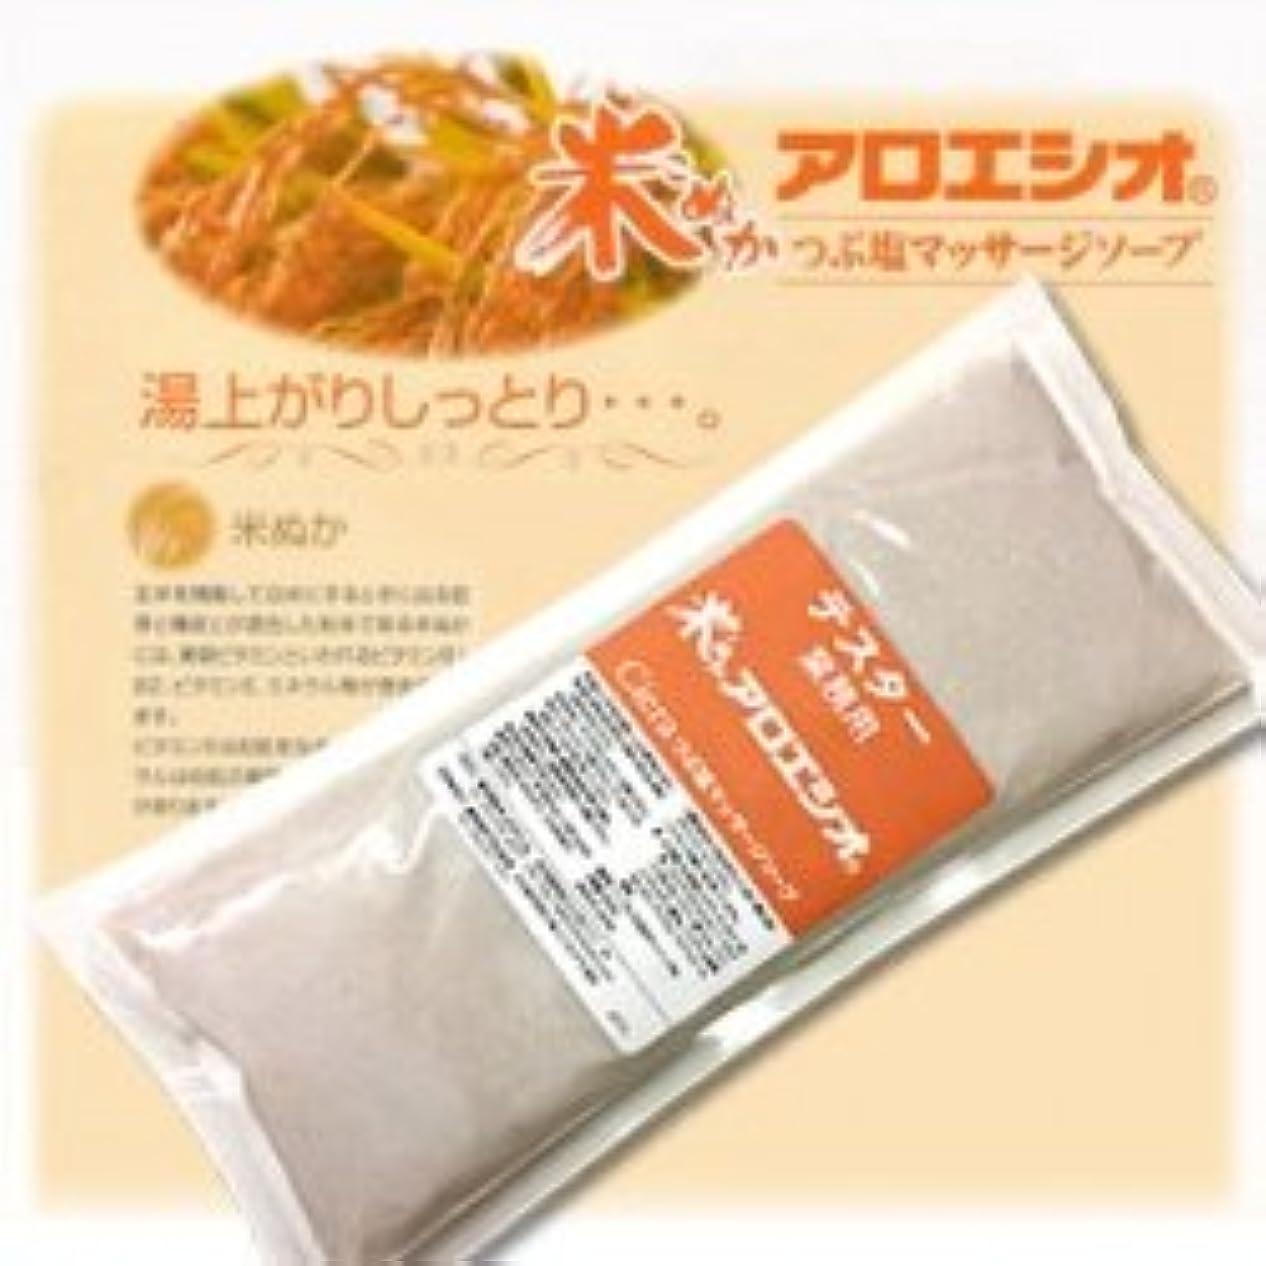 ゴミヘルシー発掘業務用米ぬかアロエ塩 800g つぶ塩マッサージソープ/ フタバ化学 アロエシオ Ciera